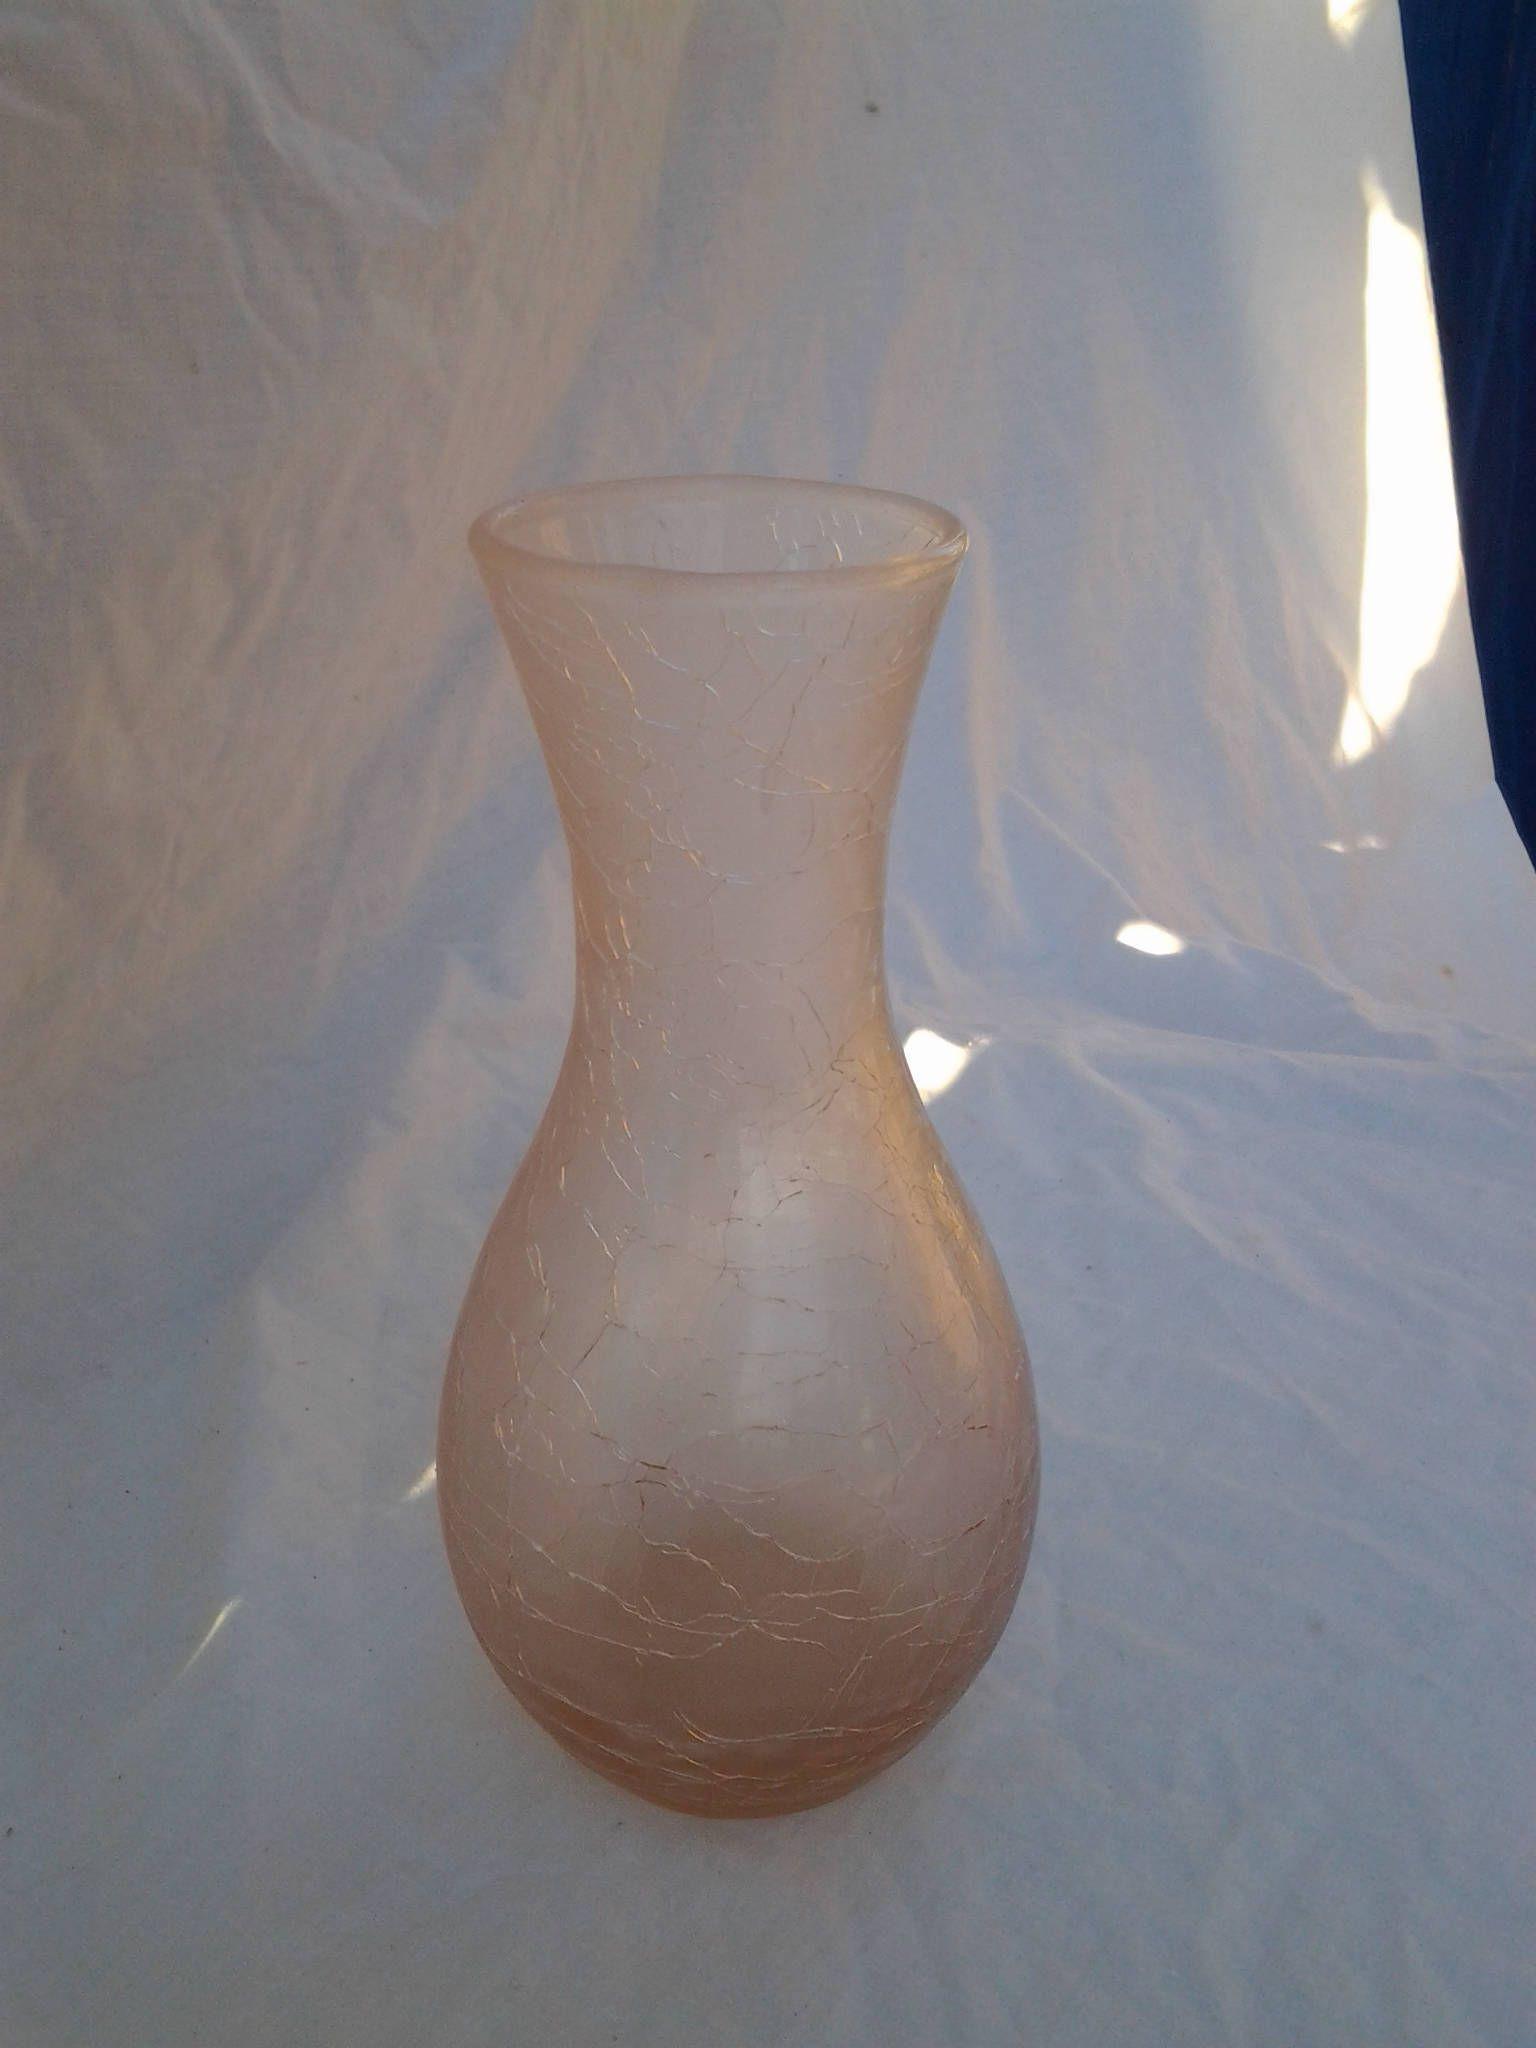 vintage amber crackle glass vase of 20 off vintage rose quartz crackled glass vase vintage vases for throughout 20 off vintage rose quartz crackled glass vase